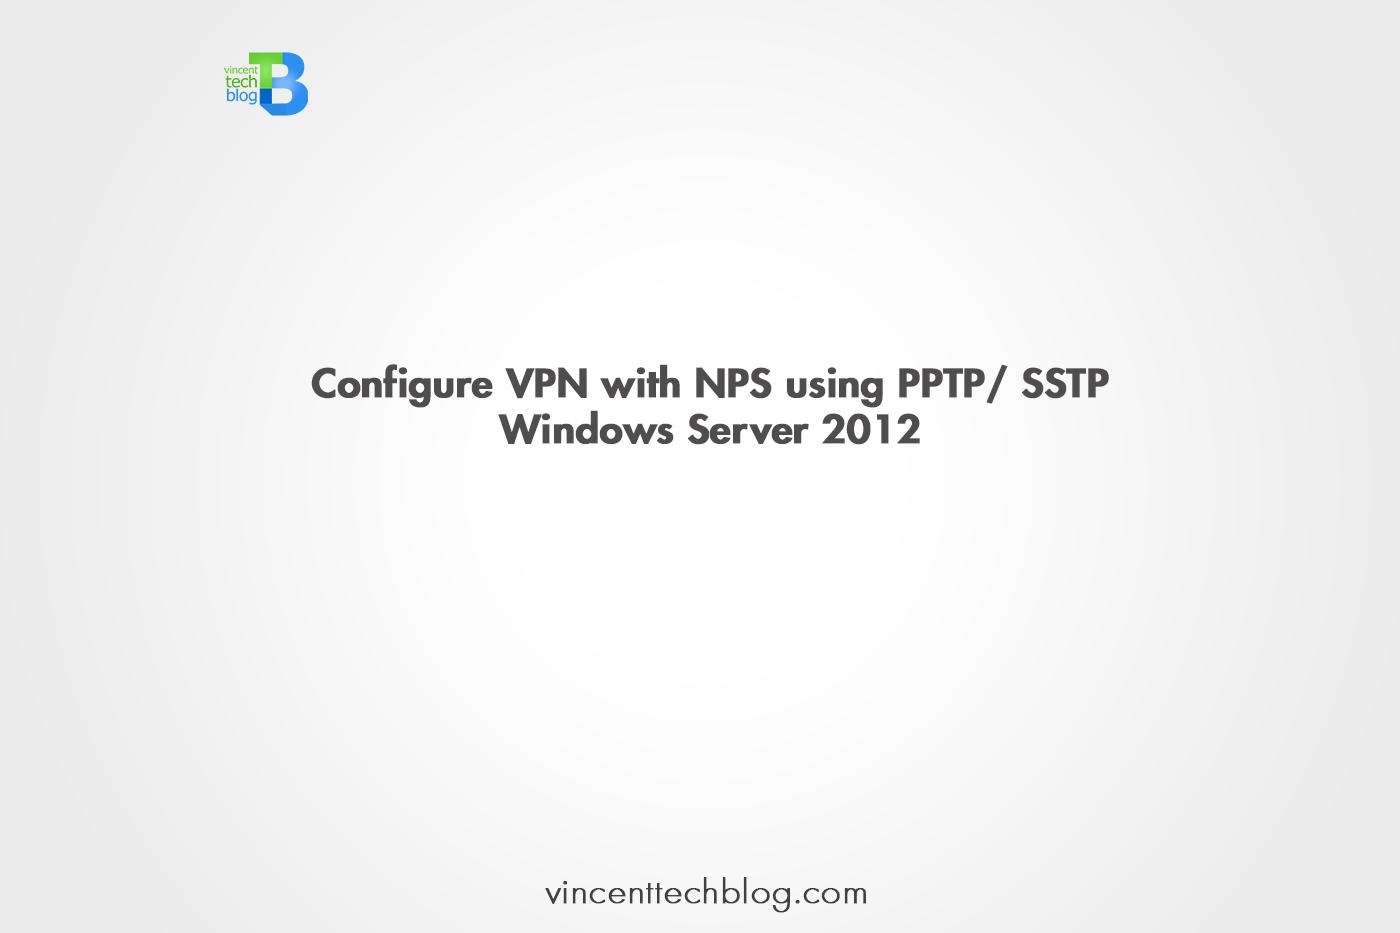 Stonesoft vpn client download windows 10 stjohnsbh org uk